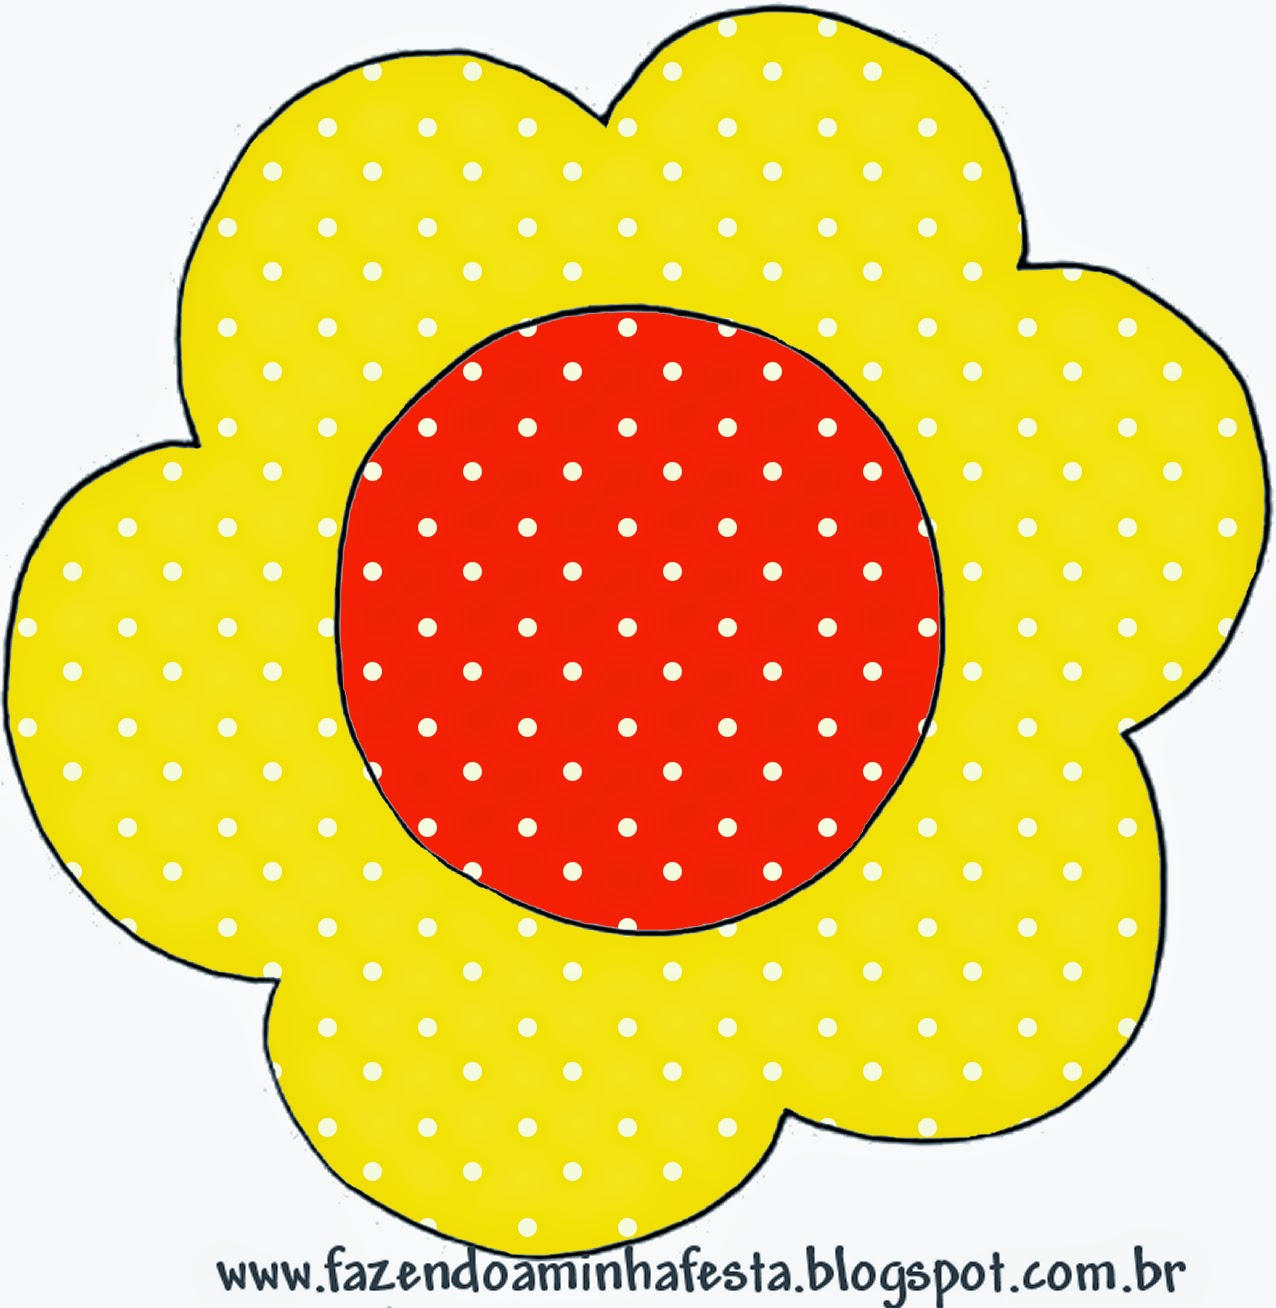 arjeta con forma de Flor de Rojo, Amarillo y Lunares Blancos.